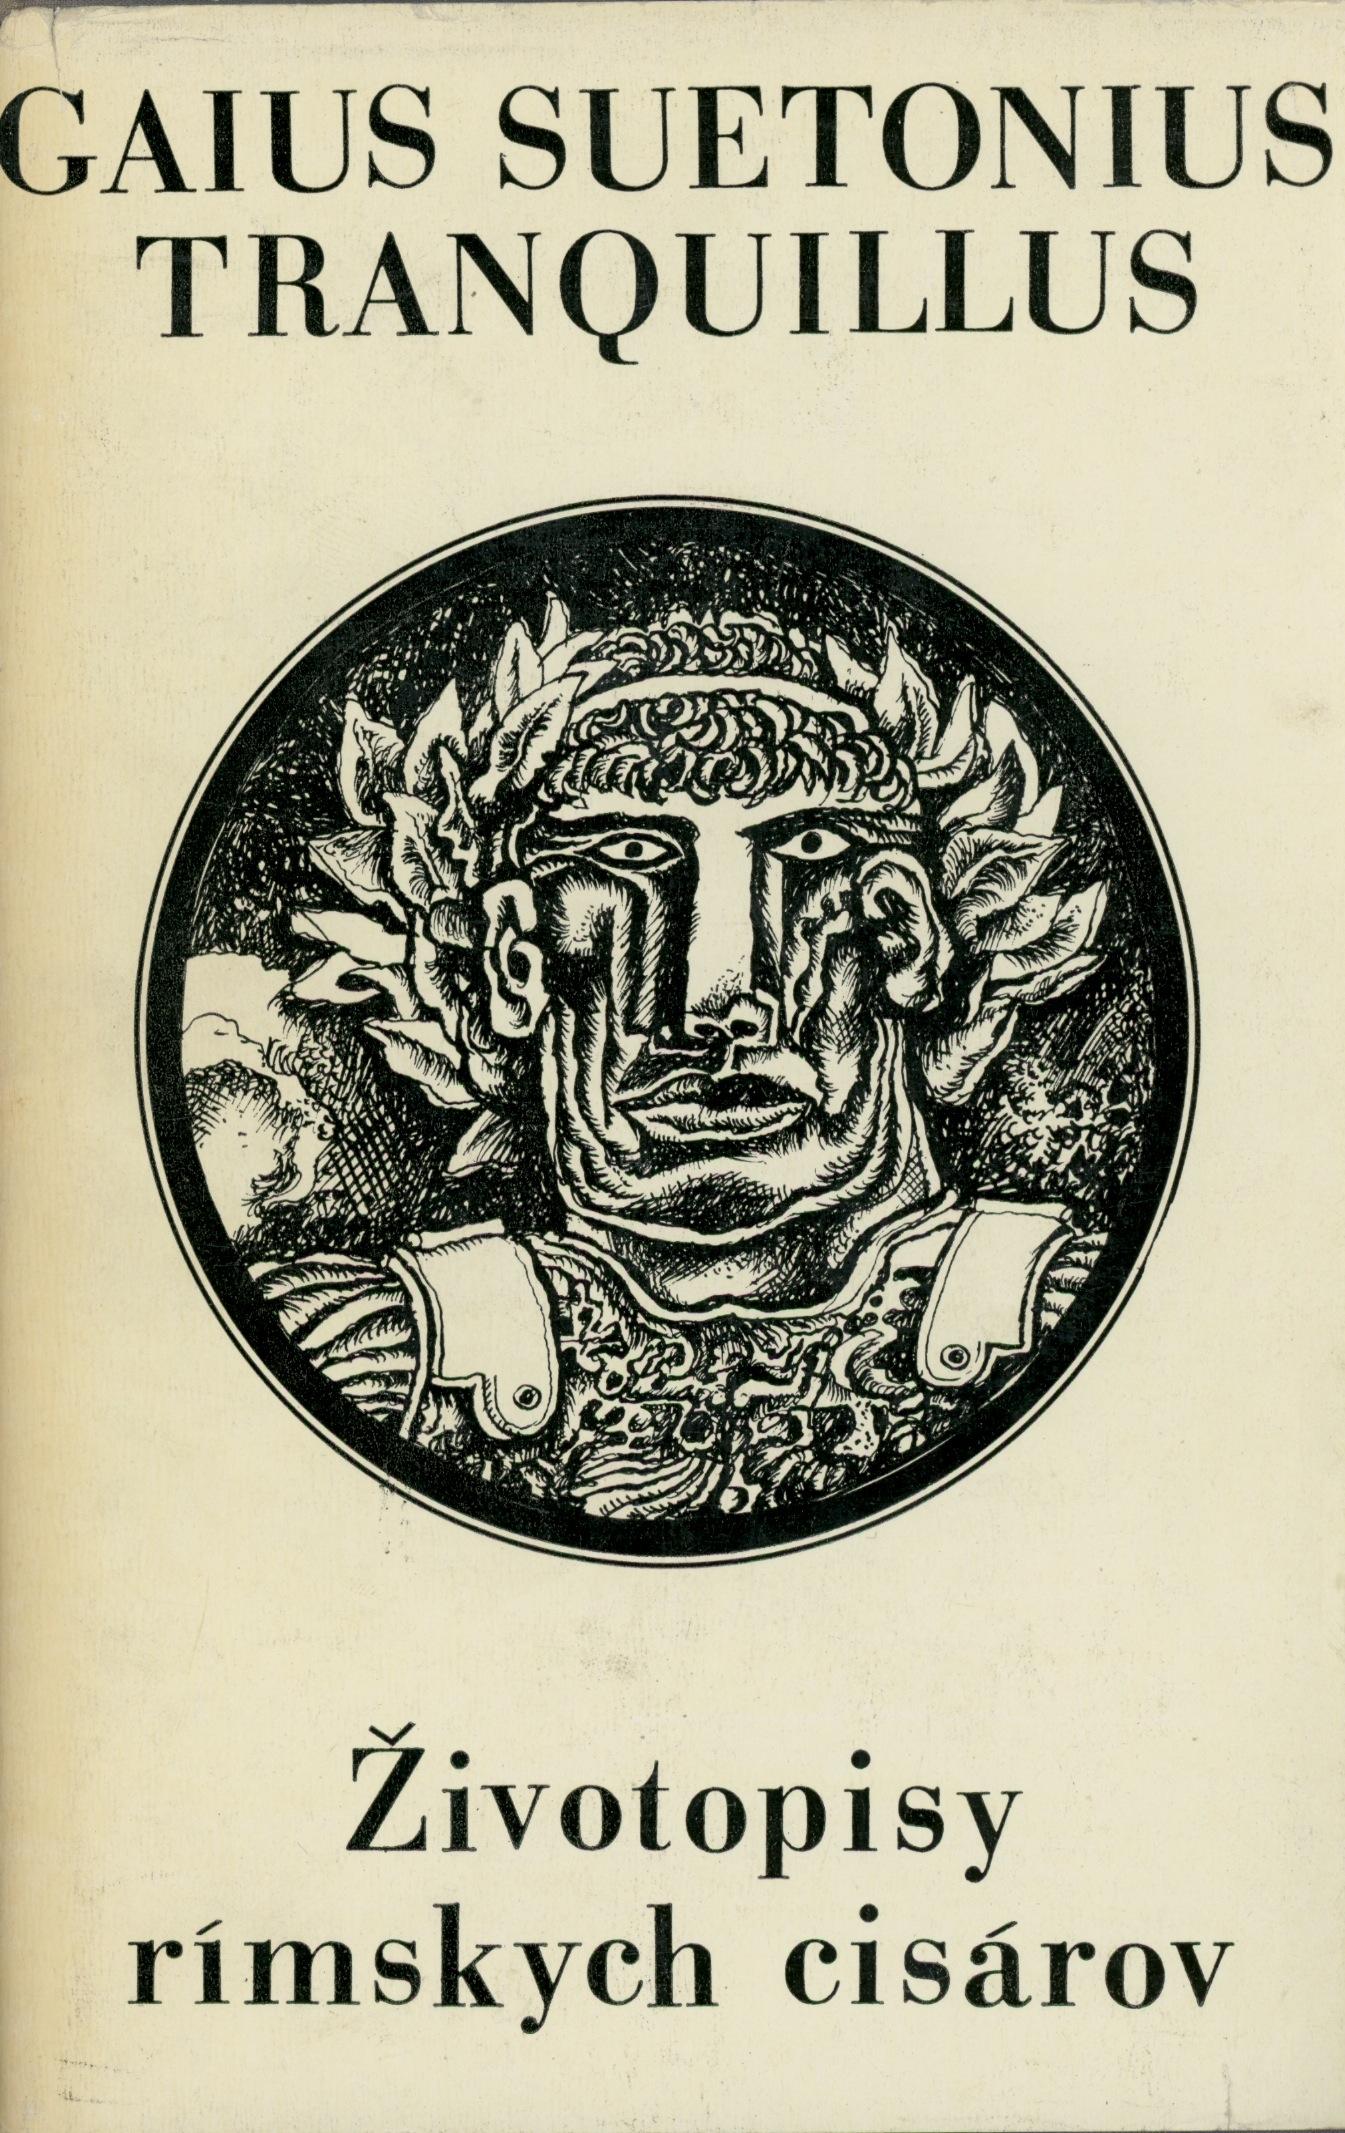 Suetonius Gaius Tranquillus Zivotopisy Rimskych Cisarov